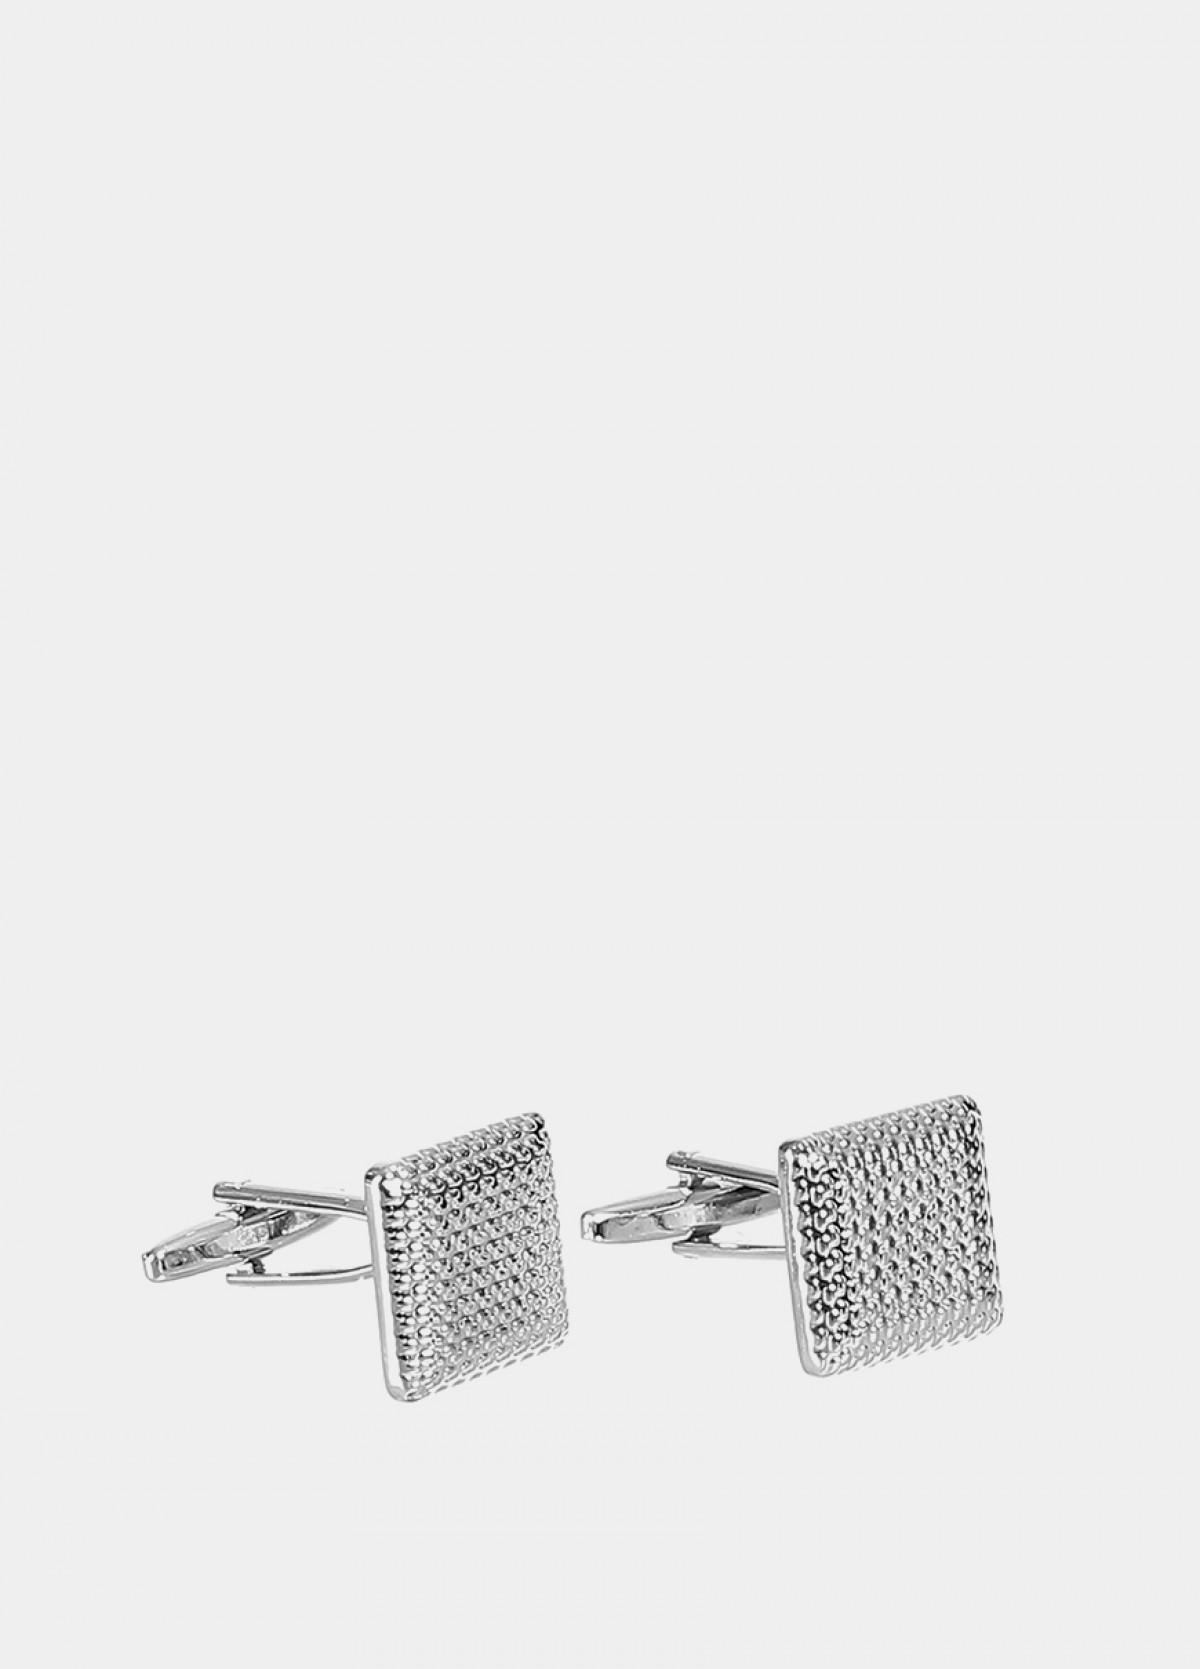 The Tie & Cufflinks Gift Set